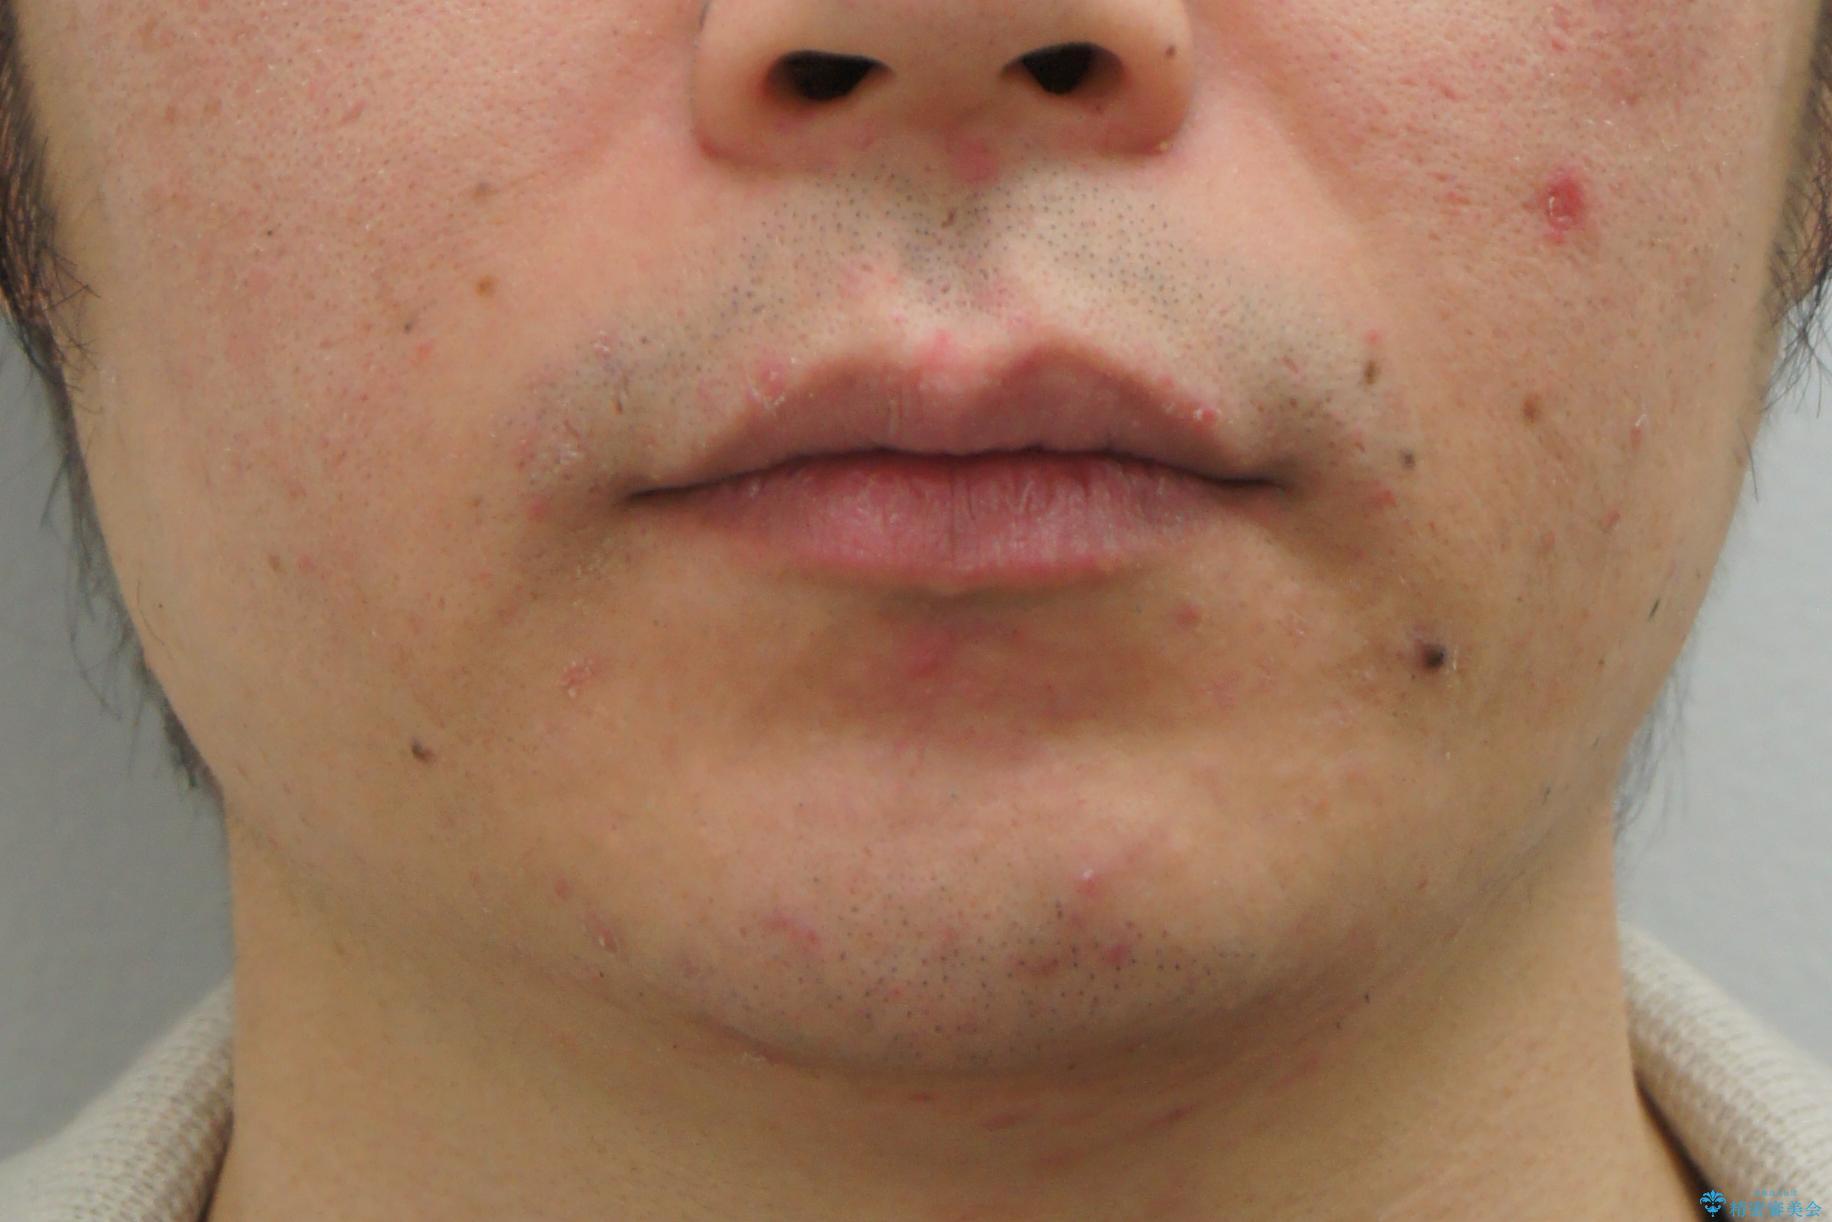 前歯のねじれを 1年かけずに矯正 インビザラインの治療前(顔貌)